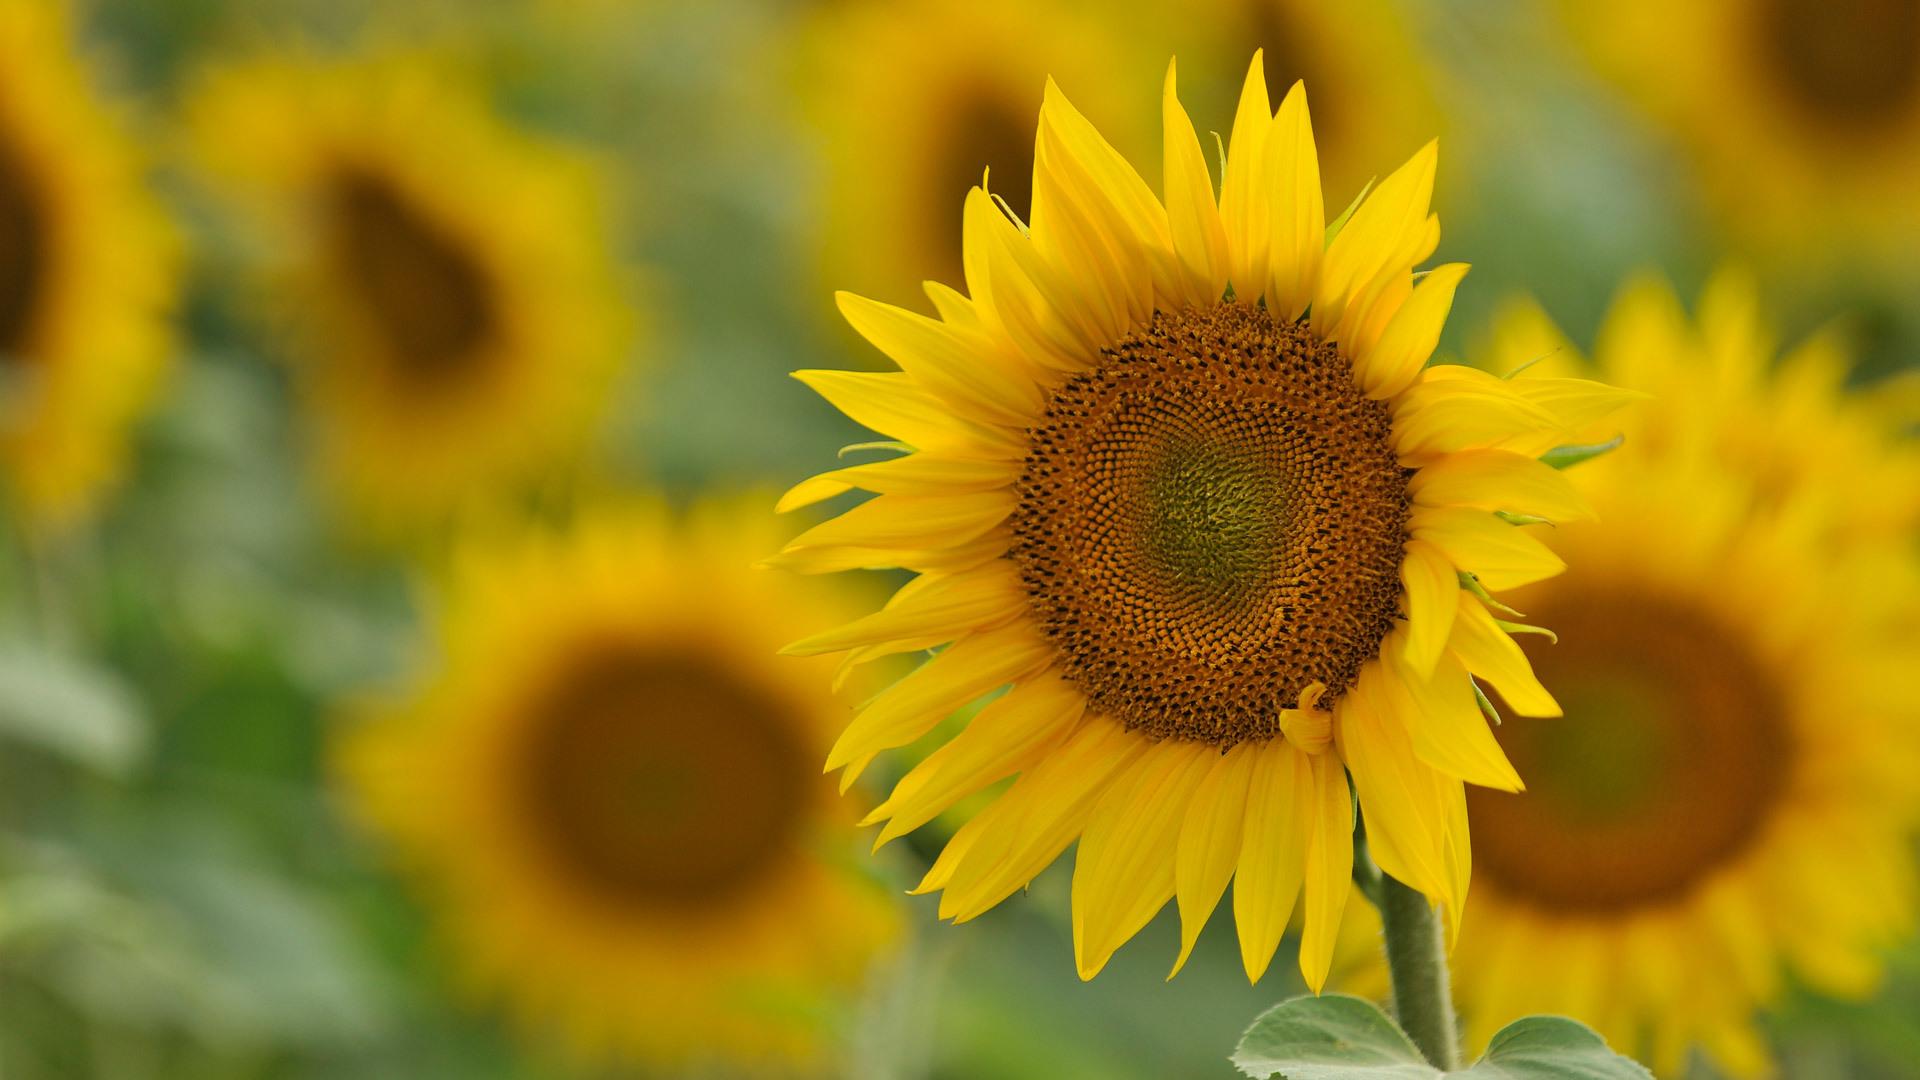 40817 скачать обои Растения, Цветы, Подсолнухи - заставки и картинки бесплатно